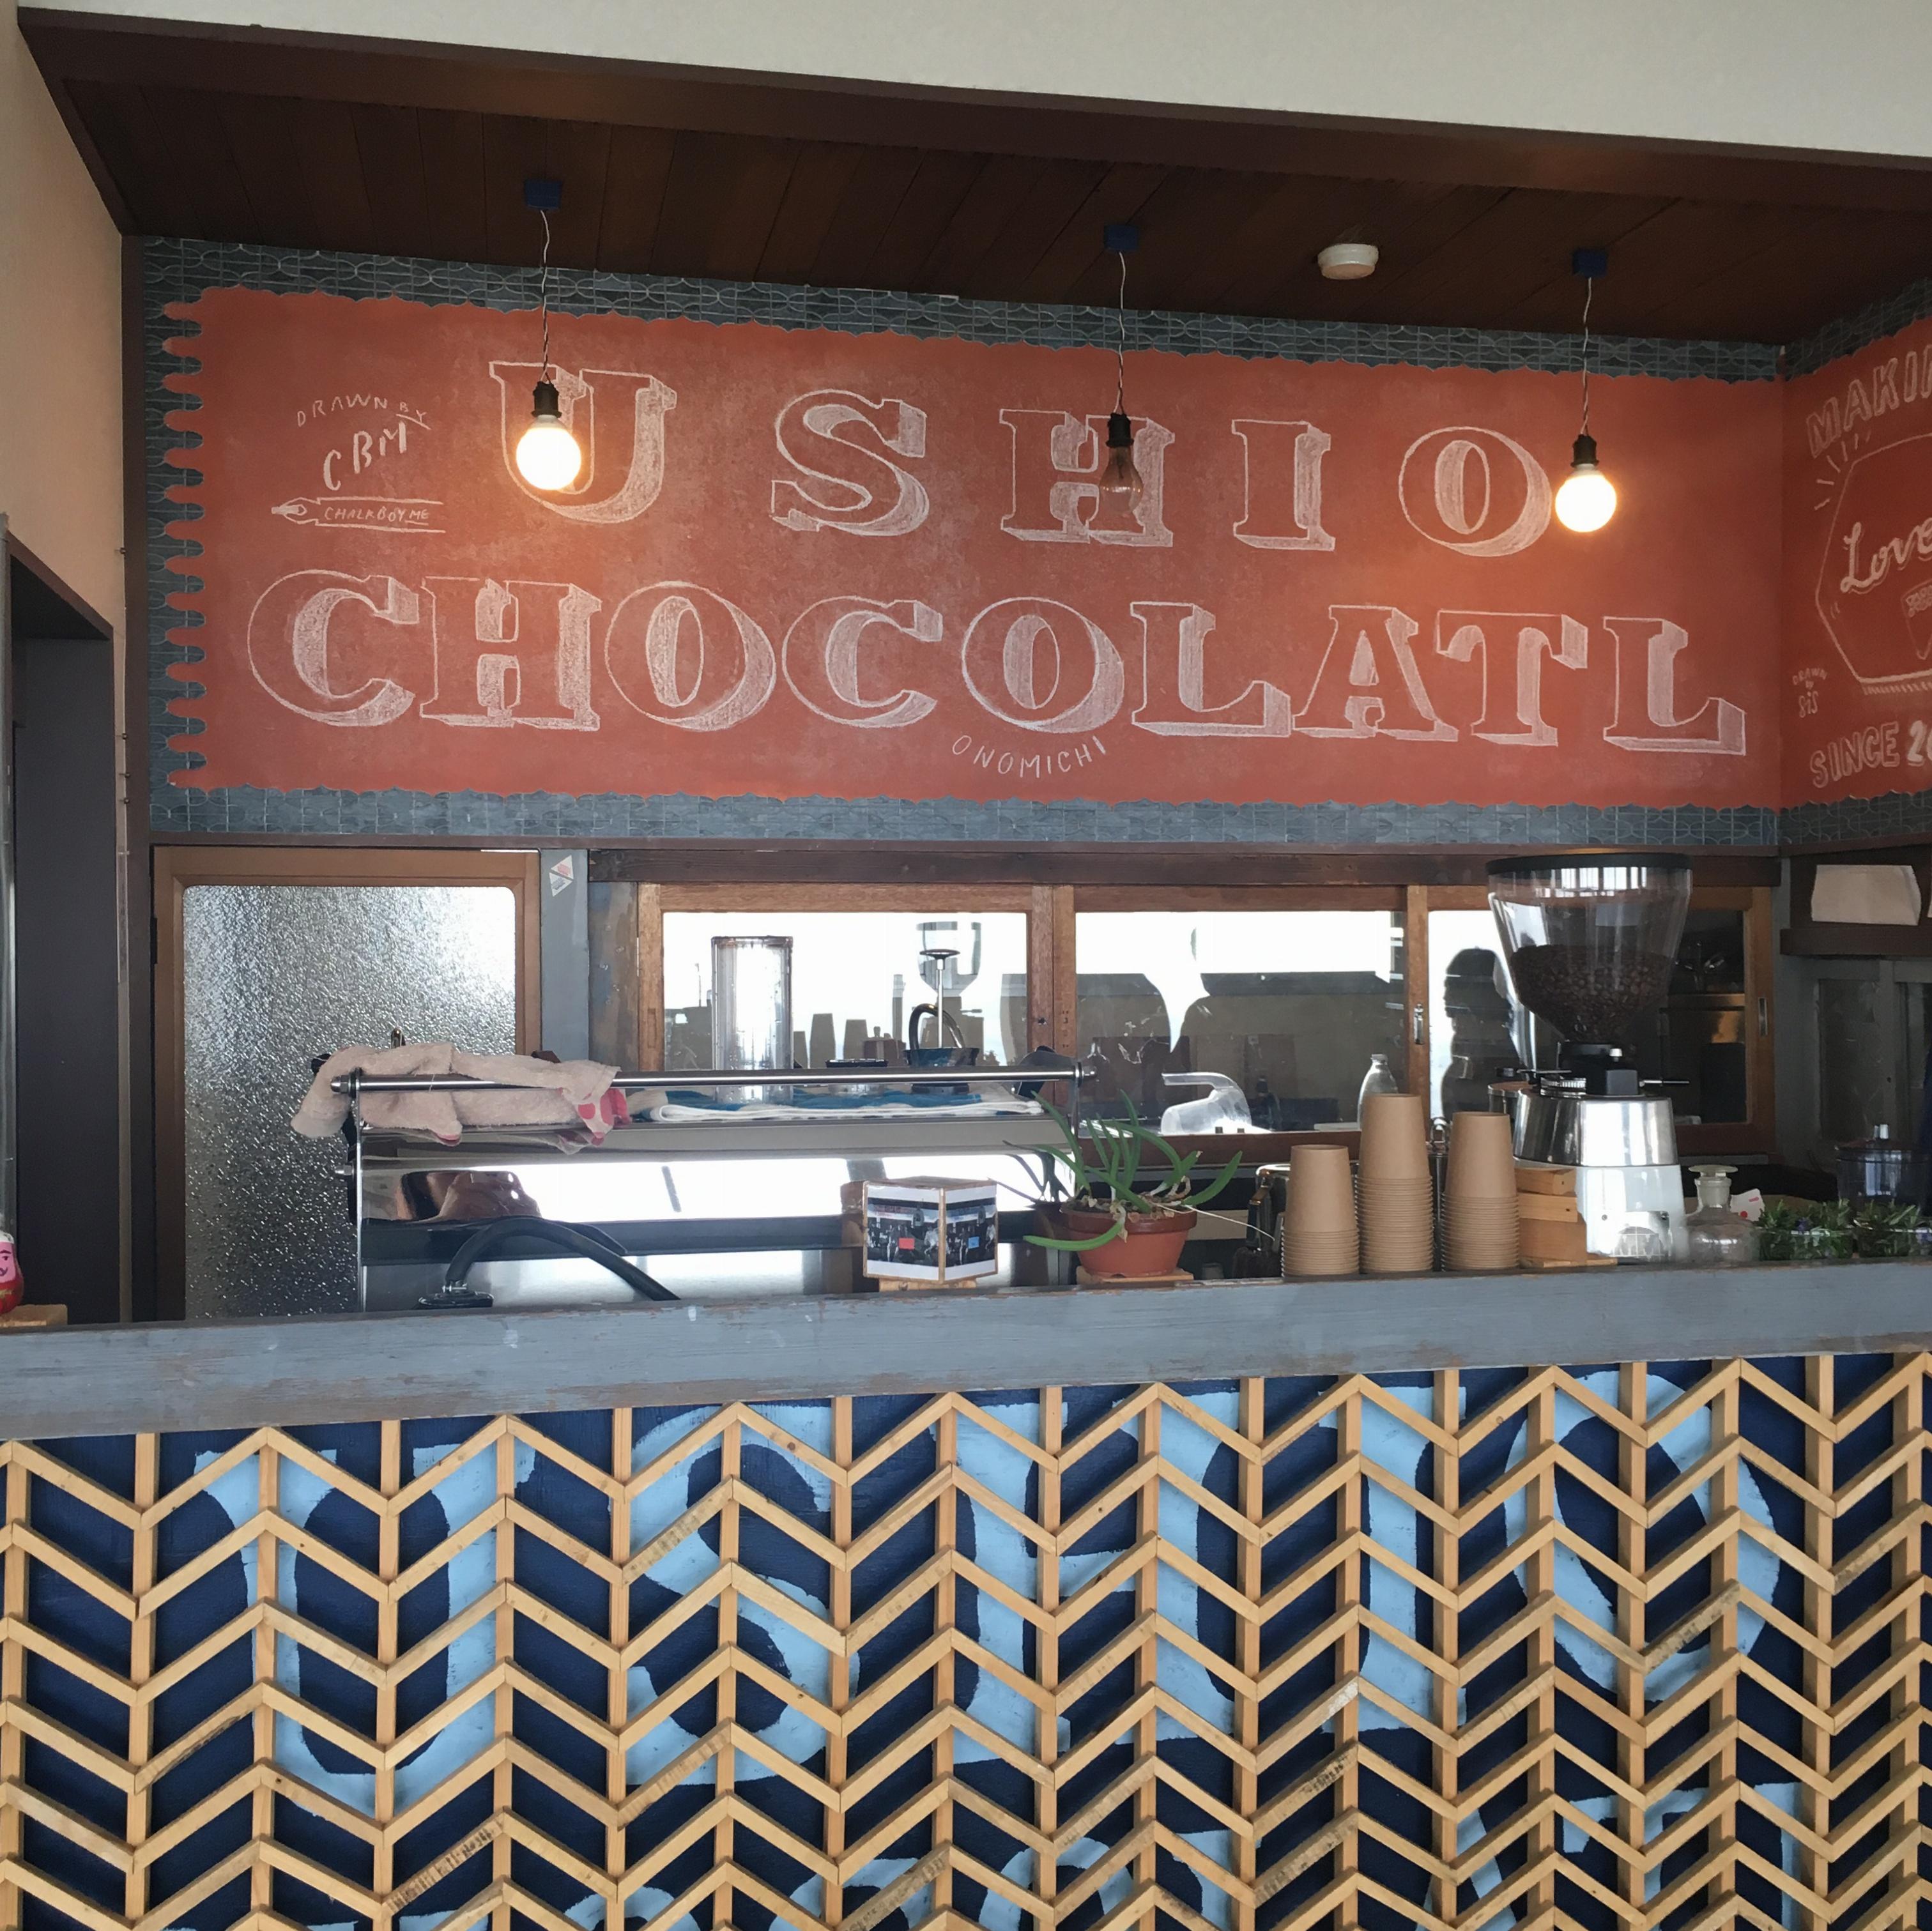 【広島・尾道】こんなチョコレートはじめて♪ カカオ豆と砂糖のみで作られる新鮮チョコレートはいかが? ♡_1